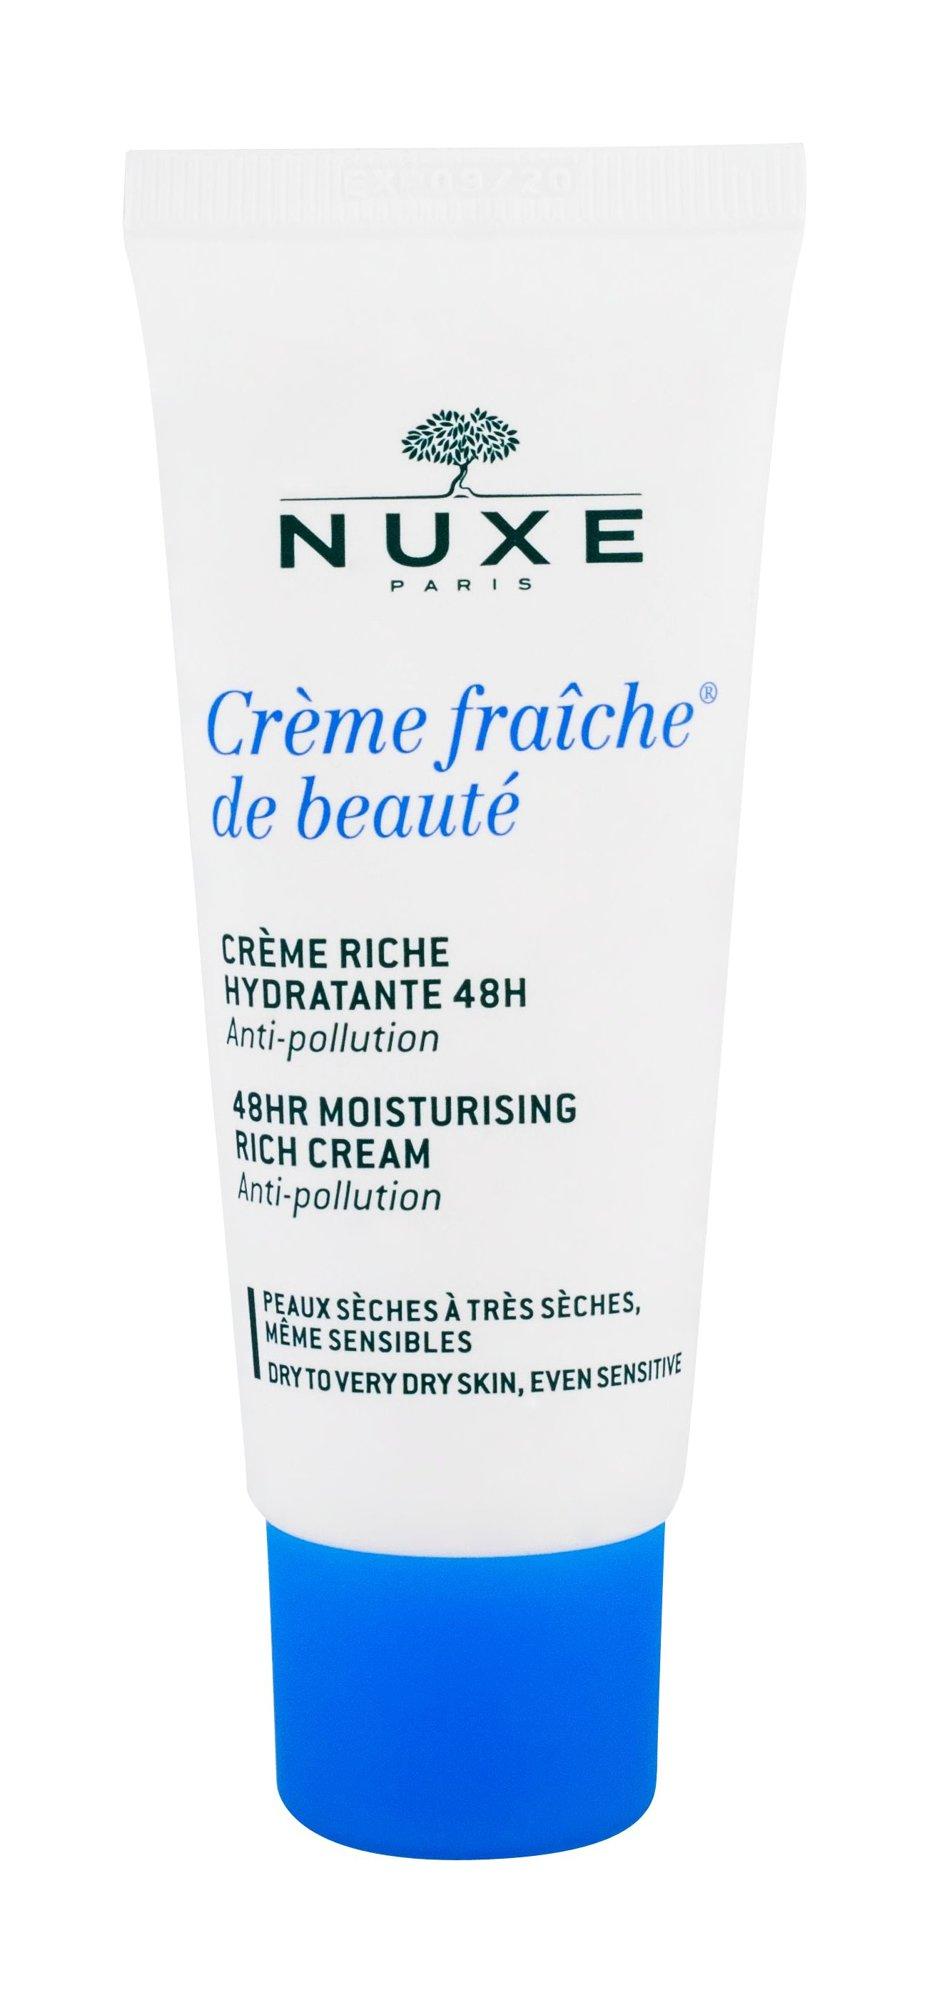 NUXE Creme Fraiche de Beauté Day Cream 30ml